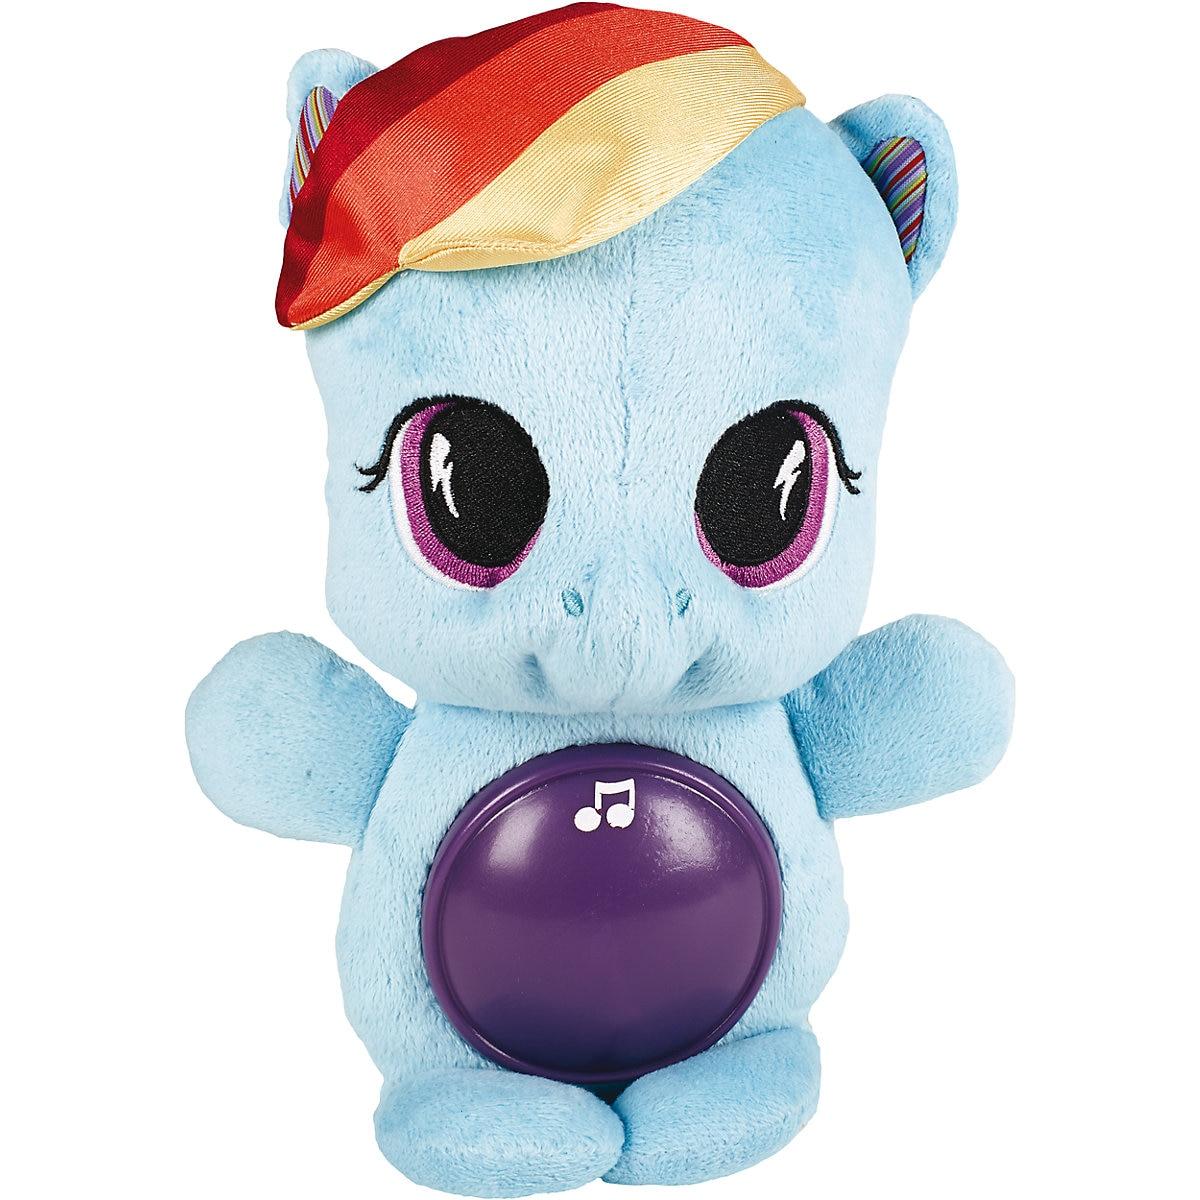 HASBRO animales de peluche y felpa 4252295 juguetes para niños mascotas unicornio juguete para dormir mi pequeño pony MTpromo